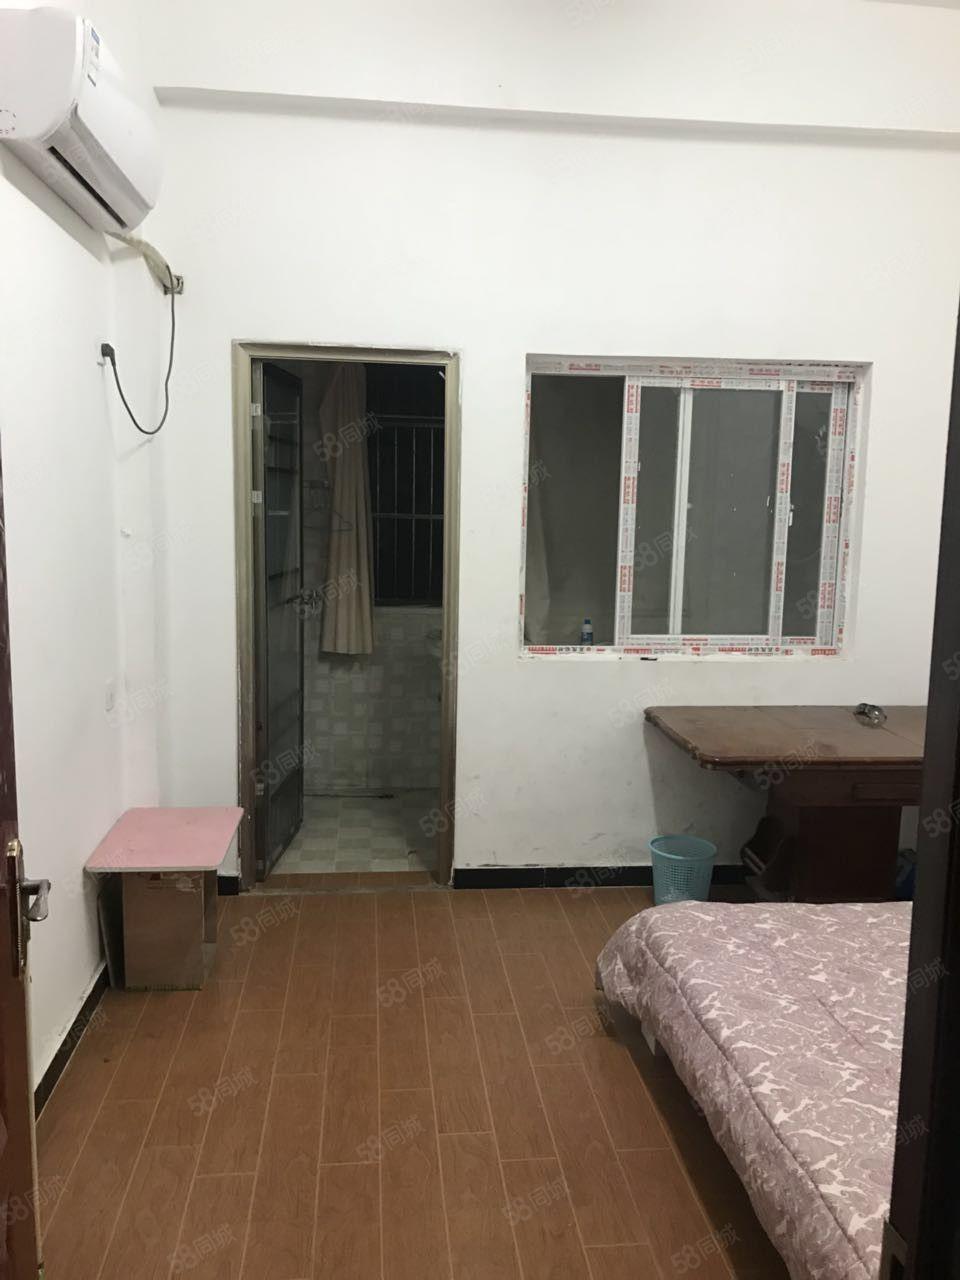 王土楼单身公寓单间带有独立卫生间,楼下可停车。